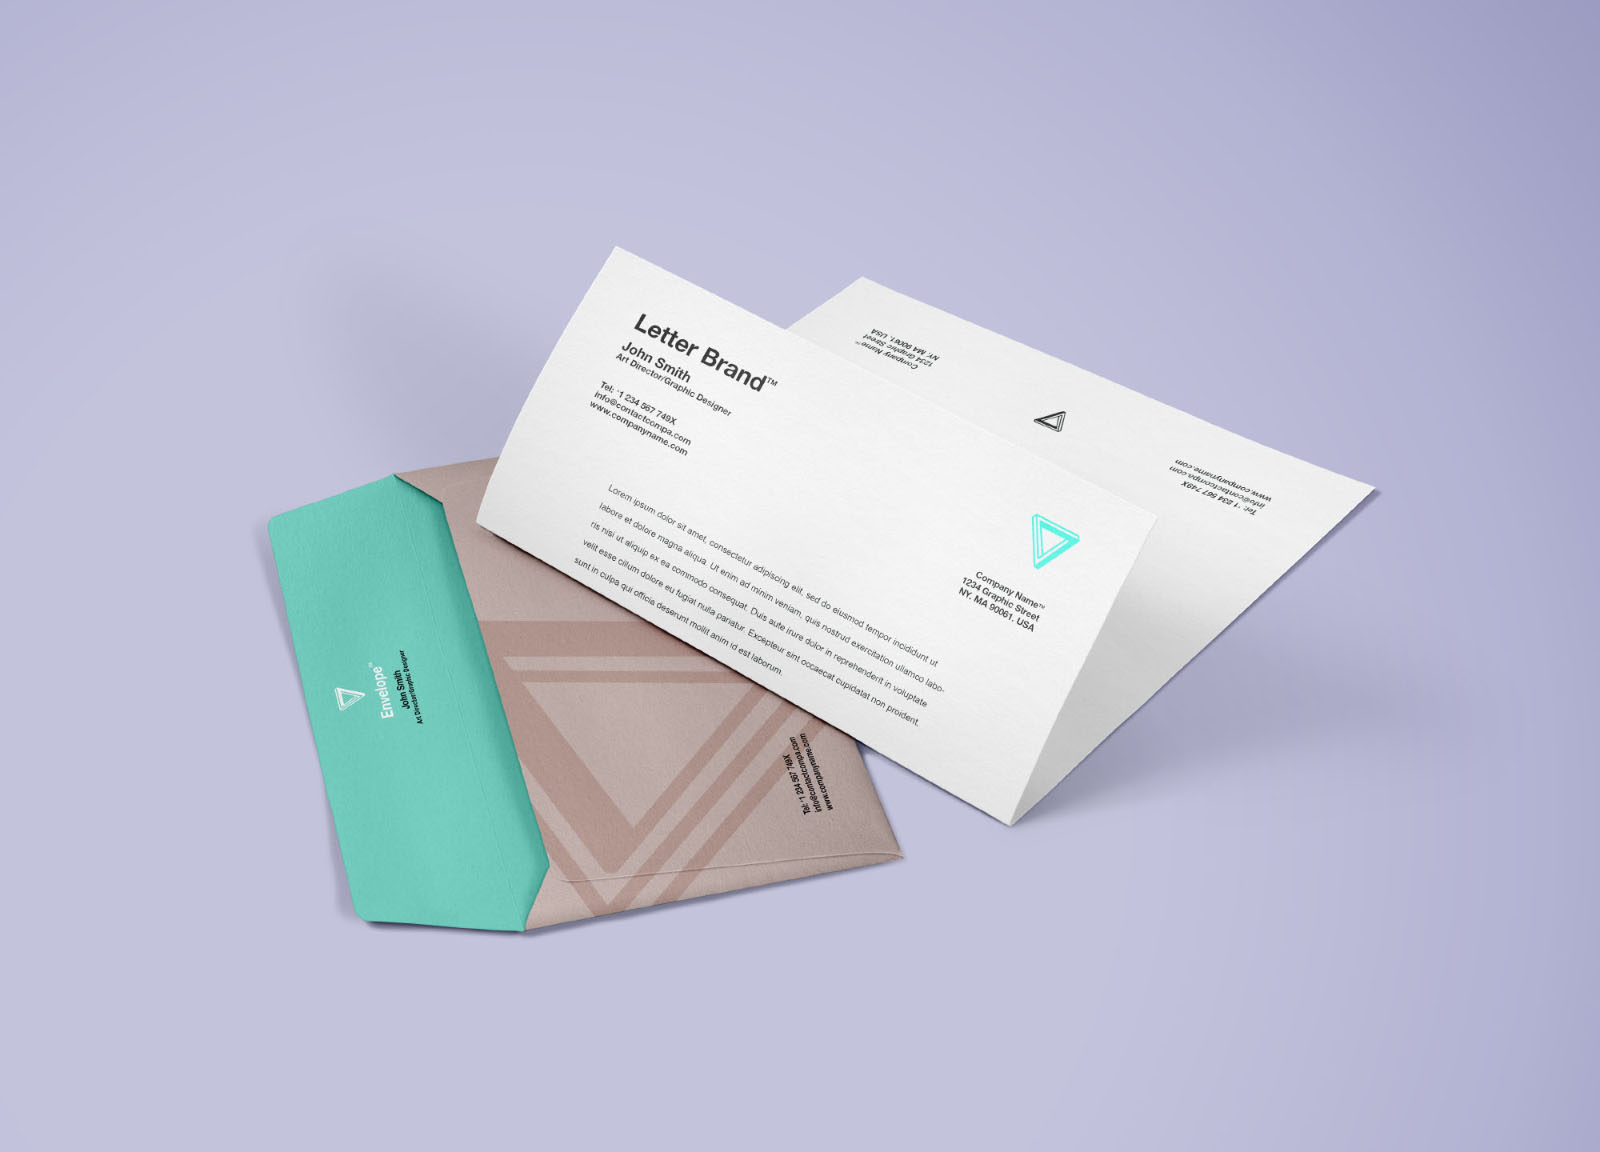 Letter and Envelope Photoshop Mockup